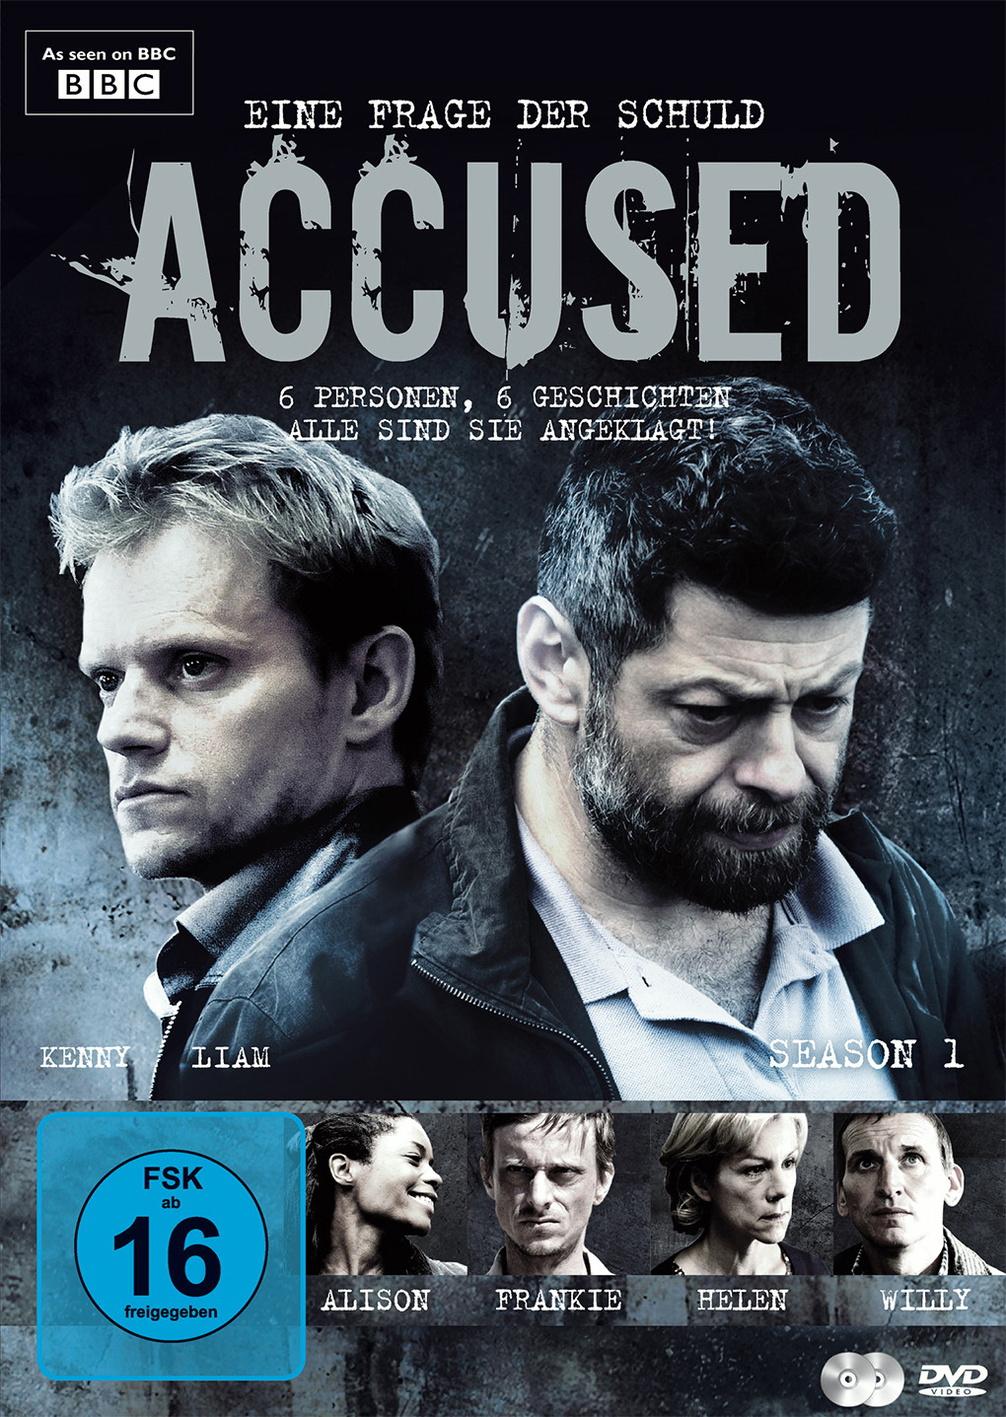 Accused - Eine Frage der Schuld: Staffel 1 [2 DVDs]